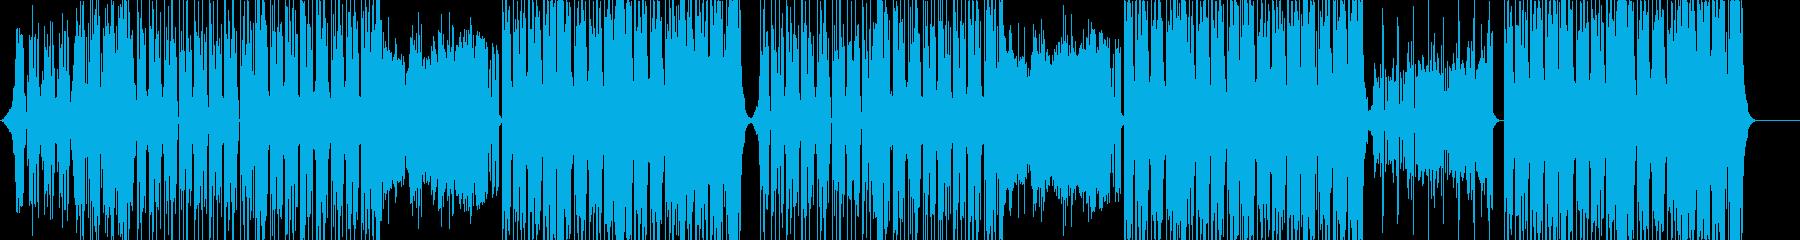 元気なポップEDM♬の再生済みの波形